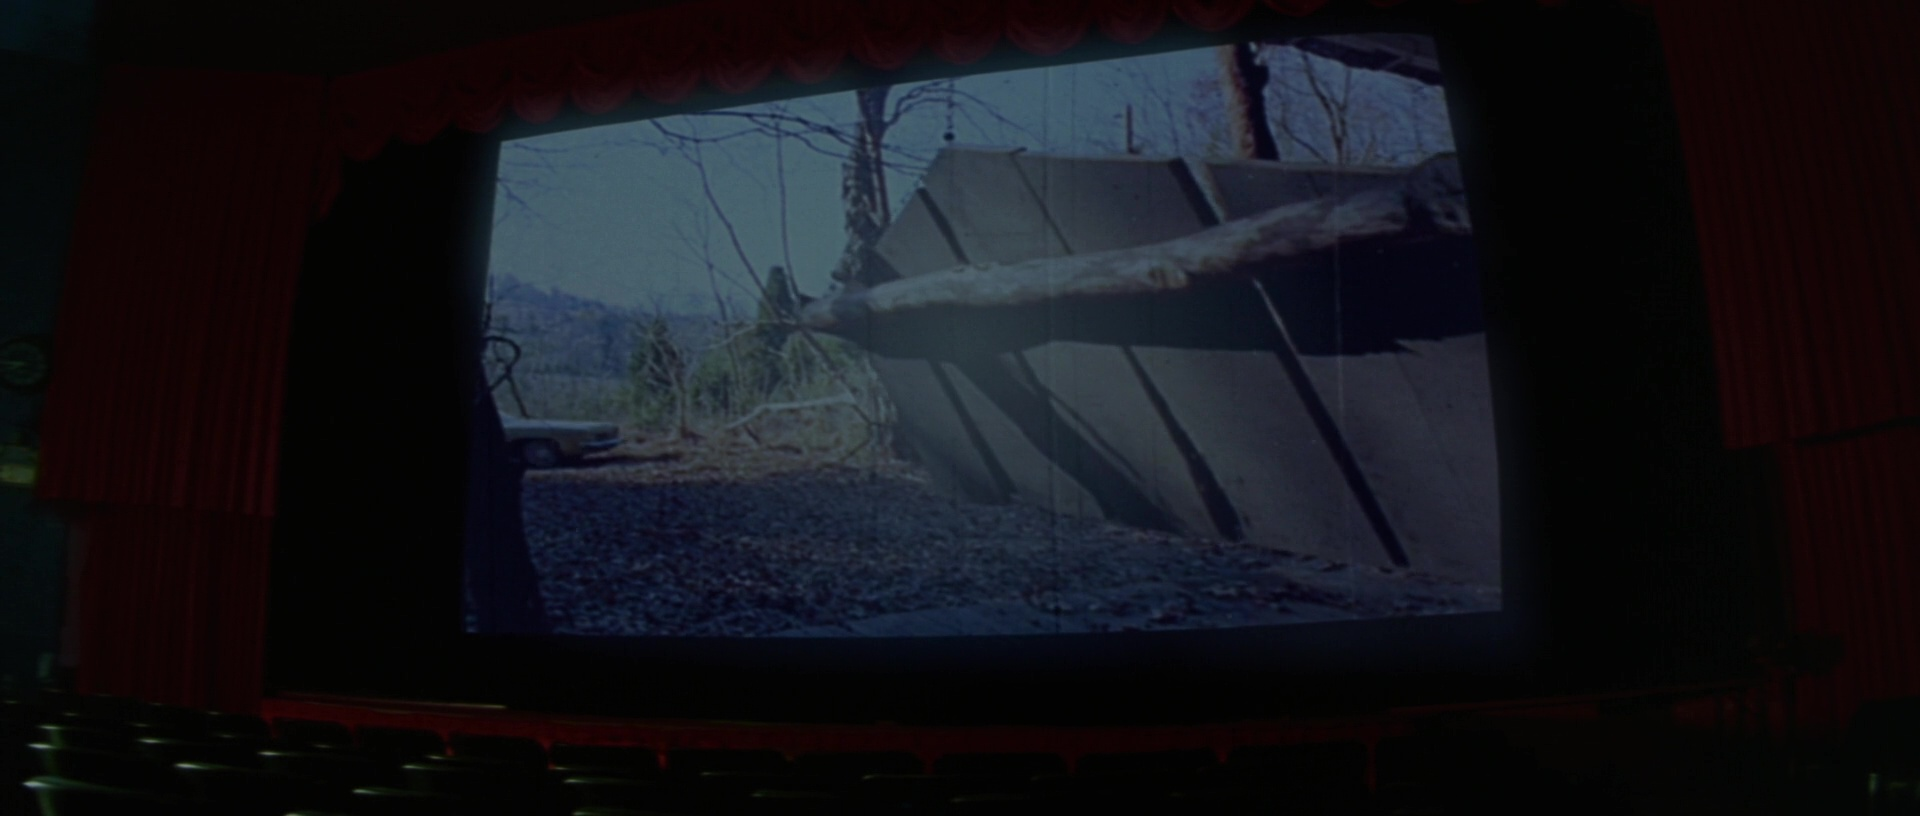 Donnie Darko film still 5